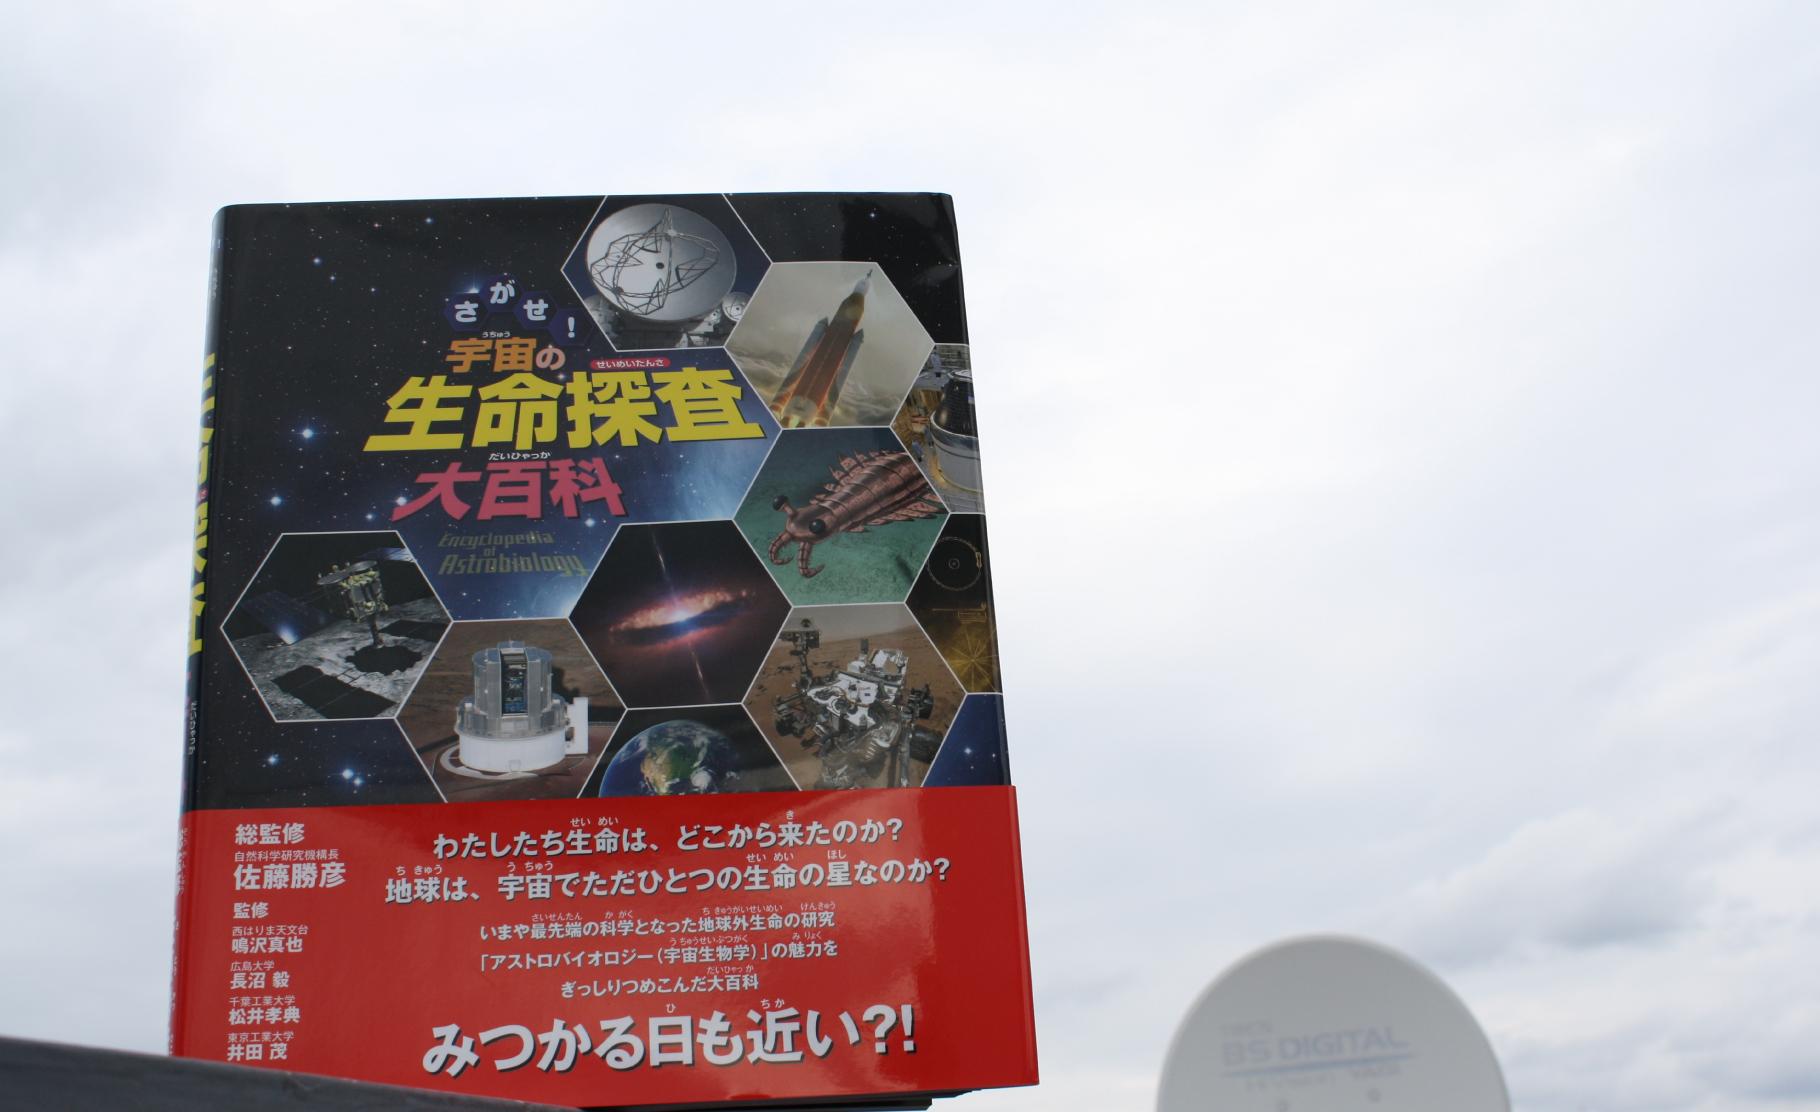 『さがせ! 宇宙の生命探査大百科』の書影